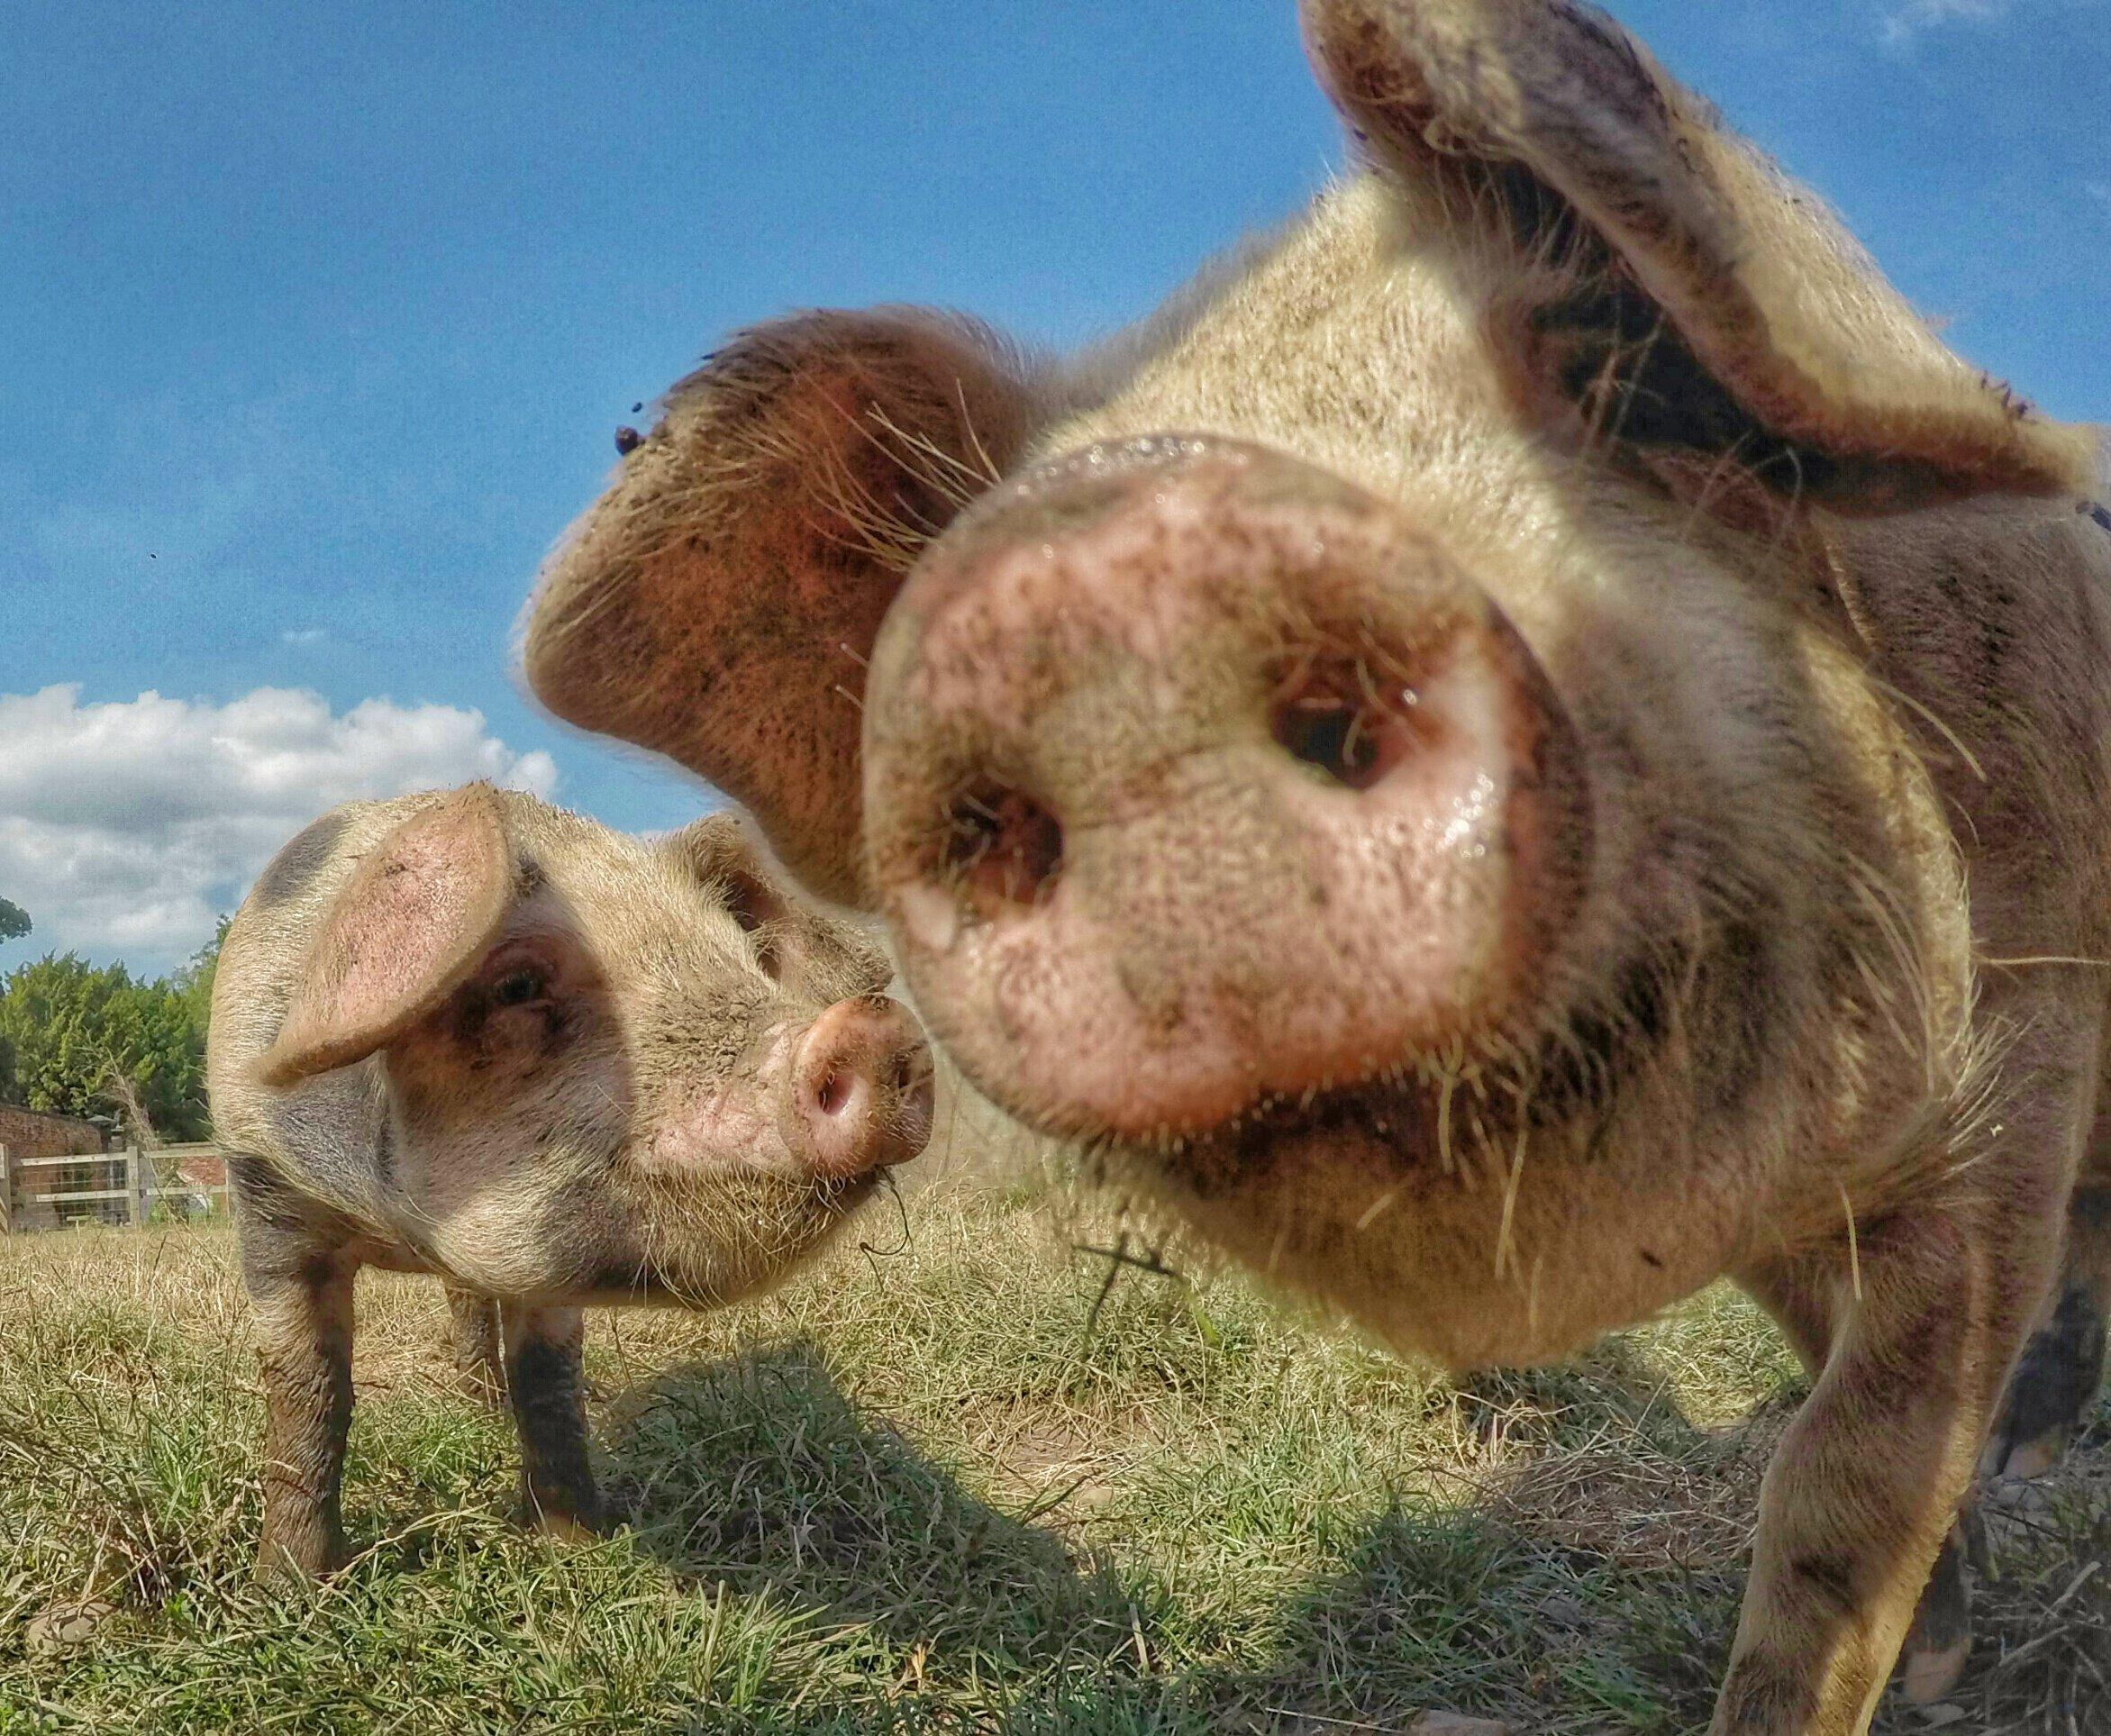 Pigs at Shugborough